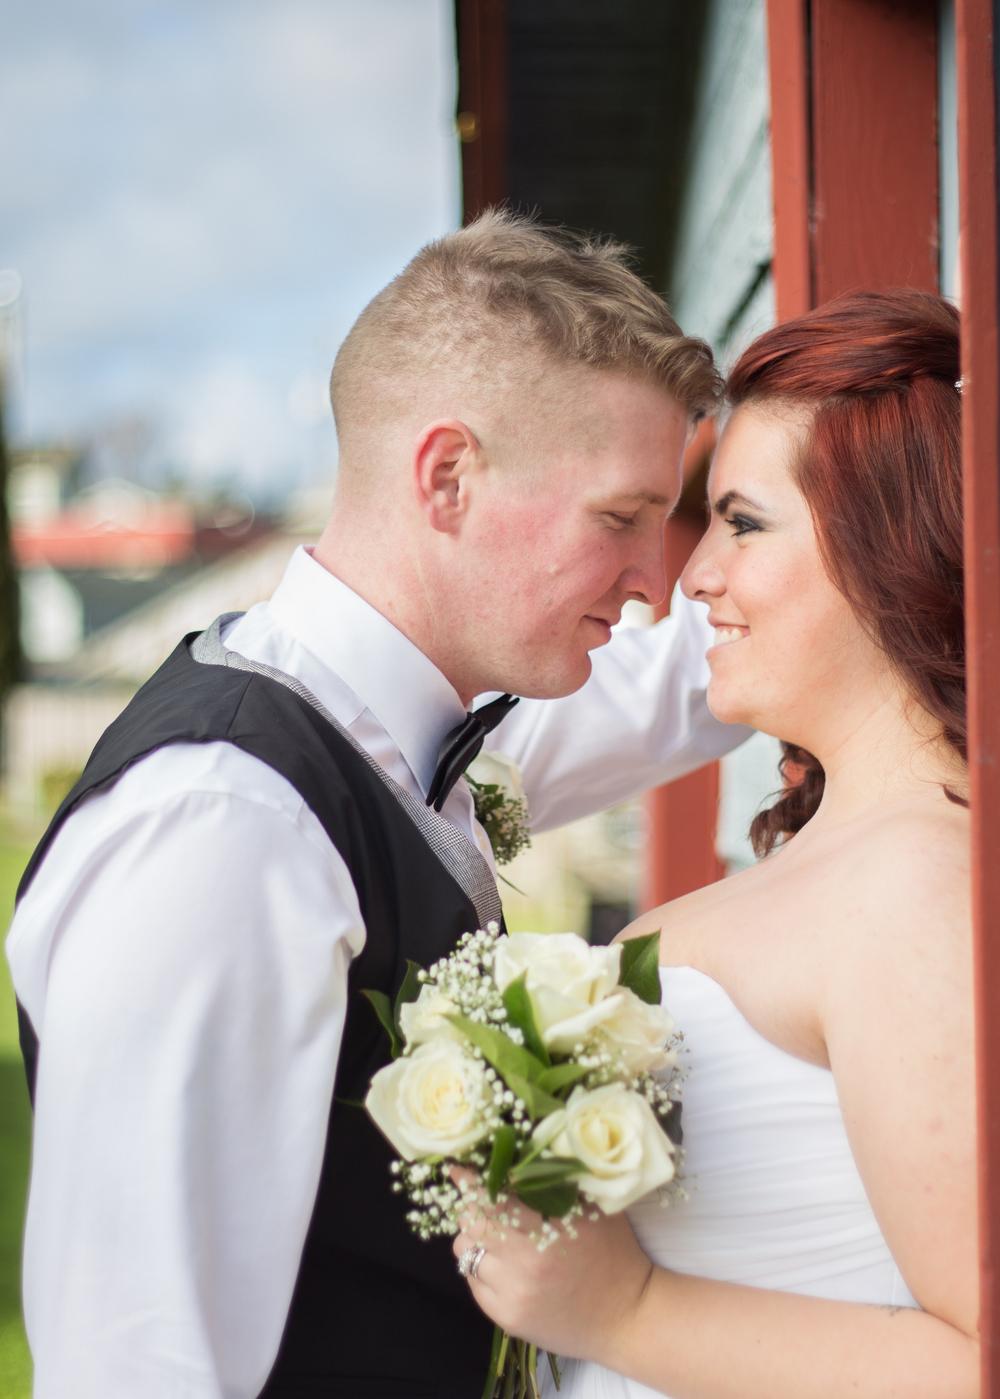 Port Orchard Washington Wedding Photographer - Seattle Washington Wedding Photographer - Shylynn Dewey Photography